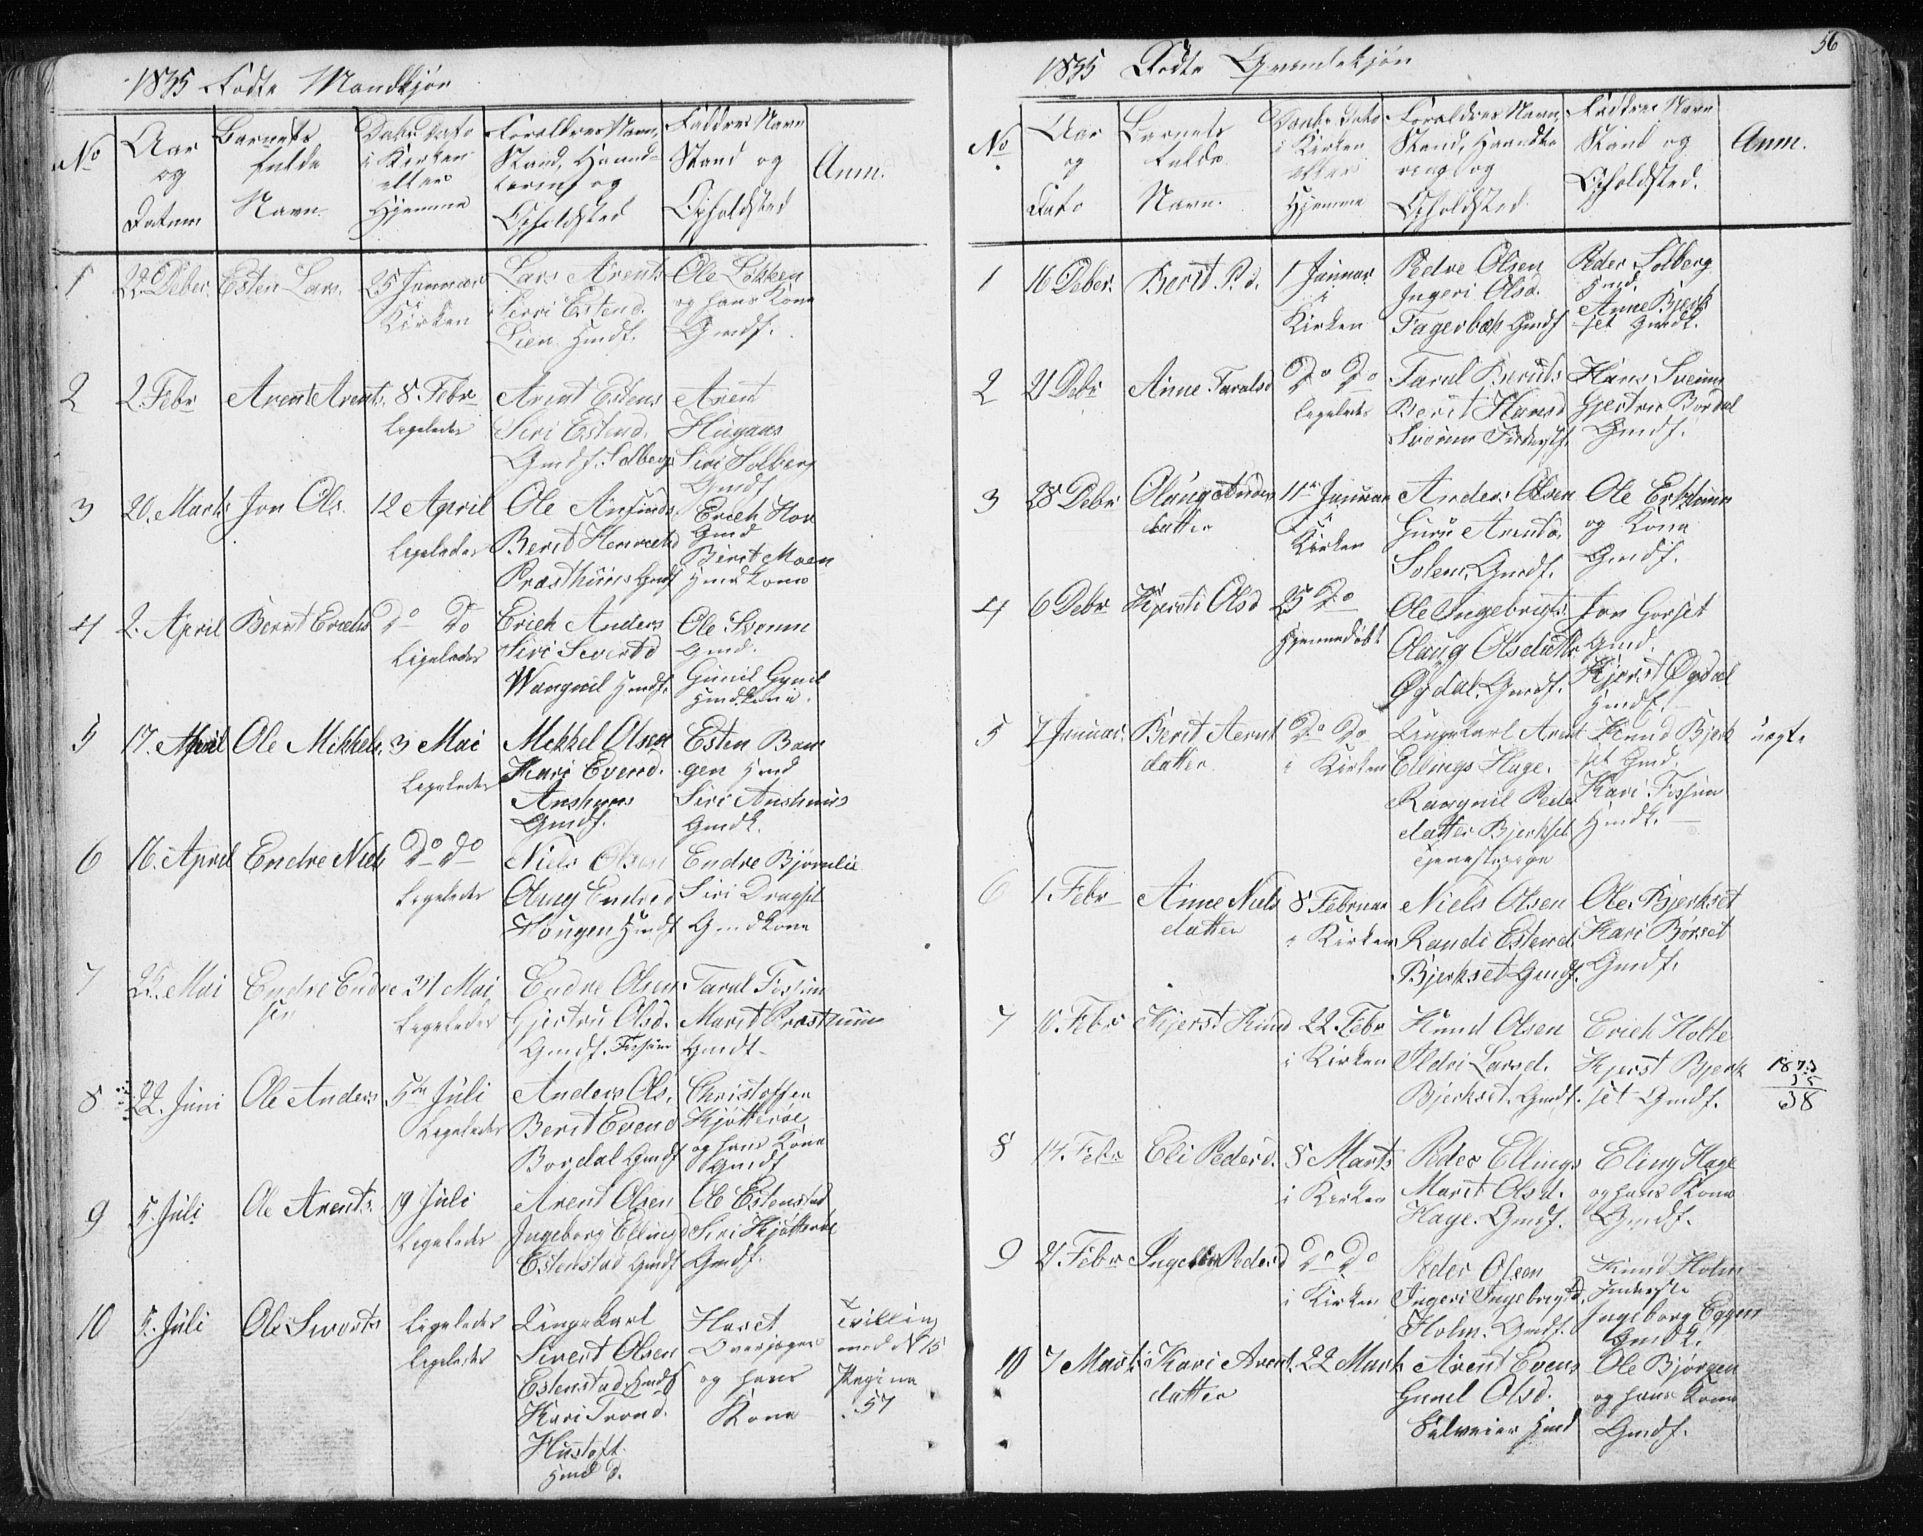 SAT, Ministerialprotokoller, klokkerbøker og fødselsregistre - Sør-Trøndelag, 689/L1043: Klokkerbok nr. 689C02, 1816-1892, s. 56